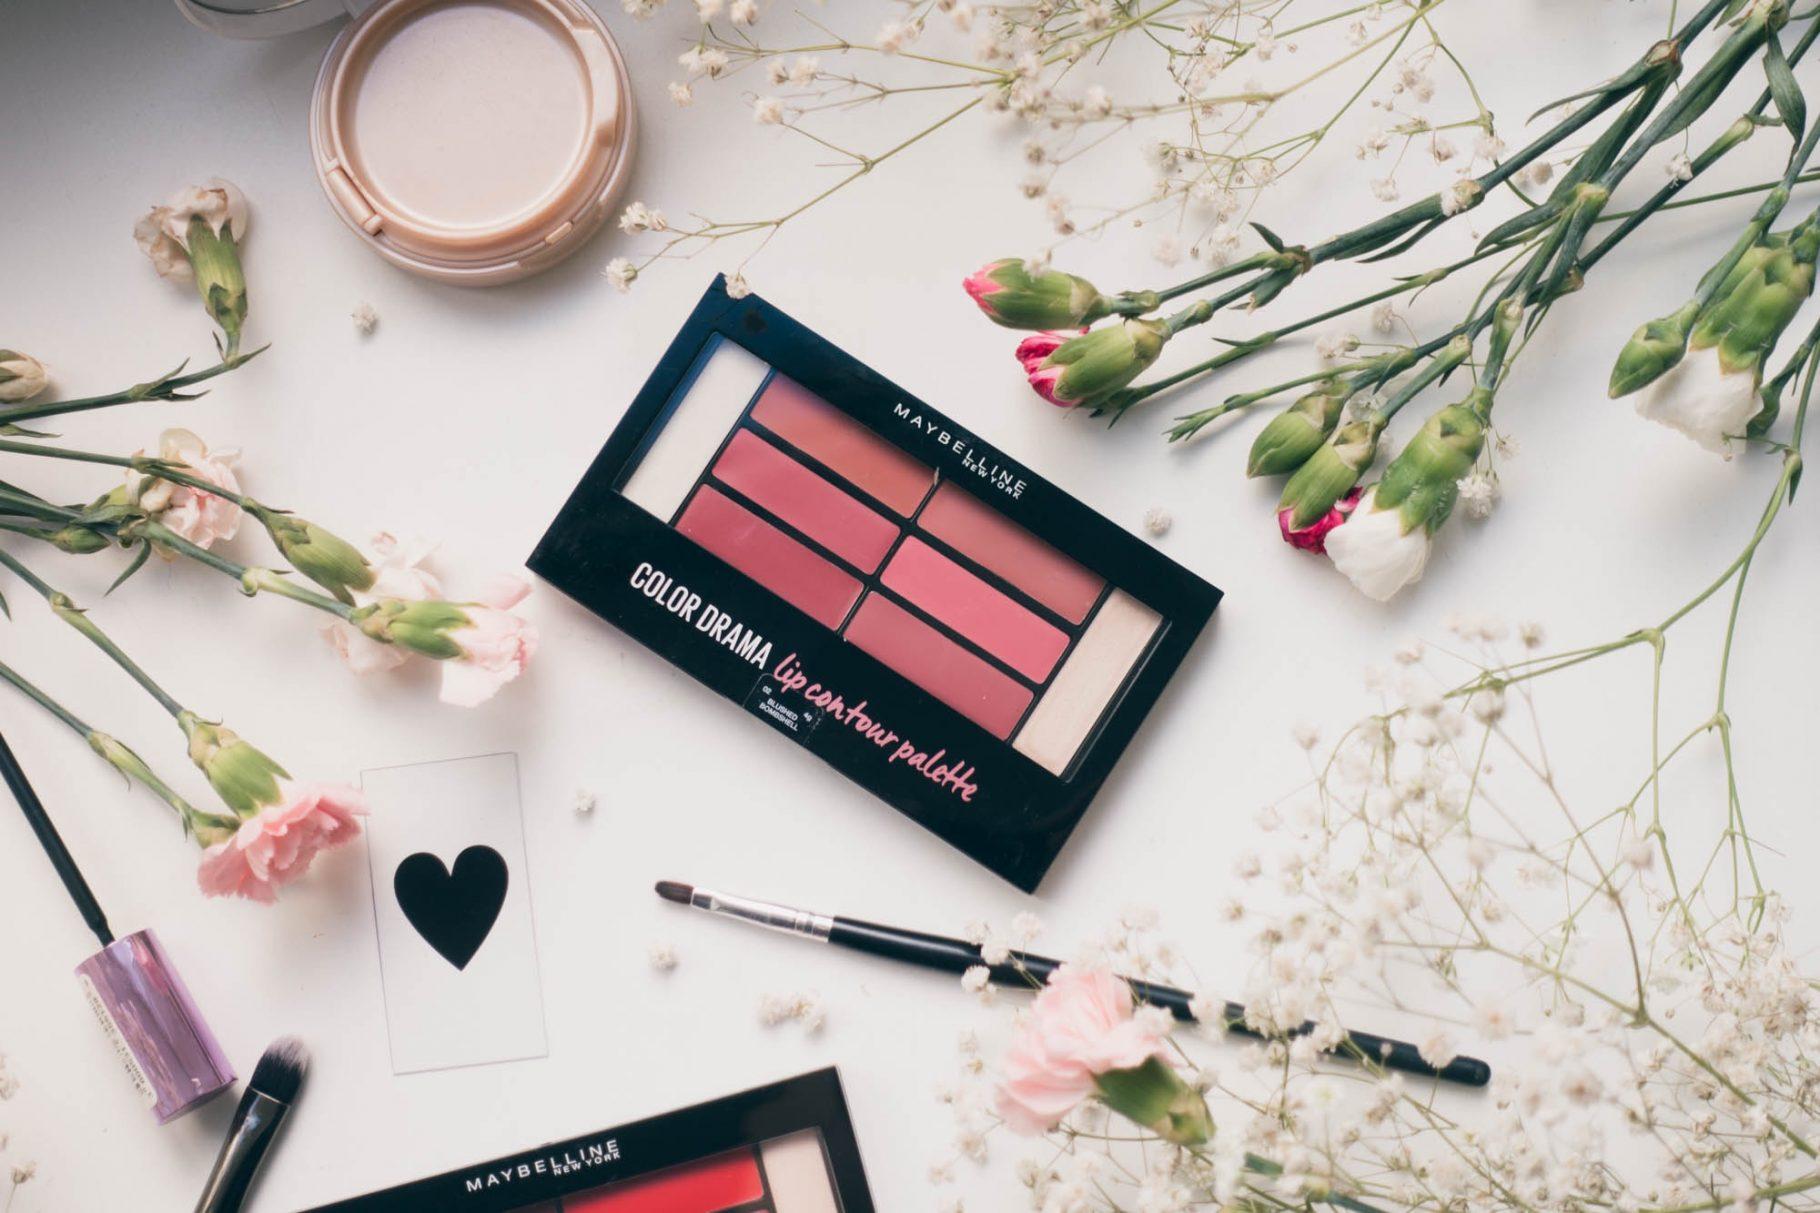 Lip Contouring |Volle Lippen in 4 Schritten